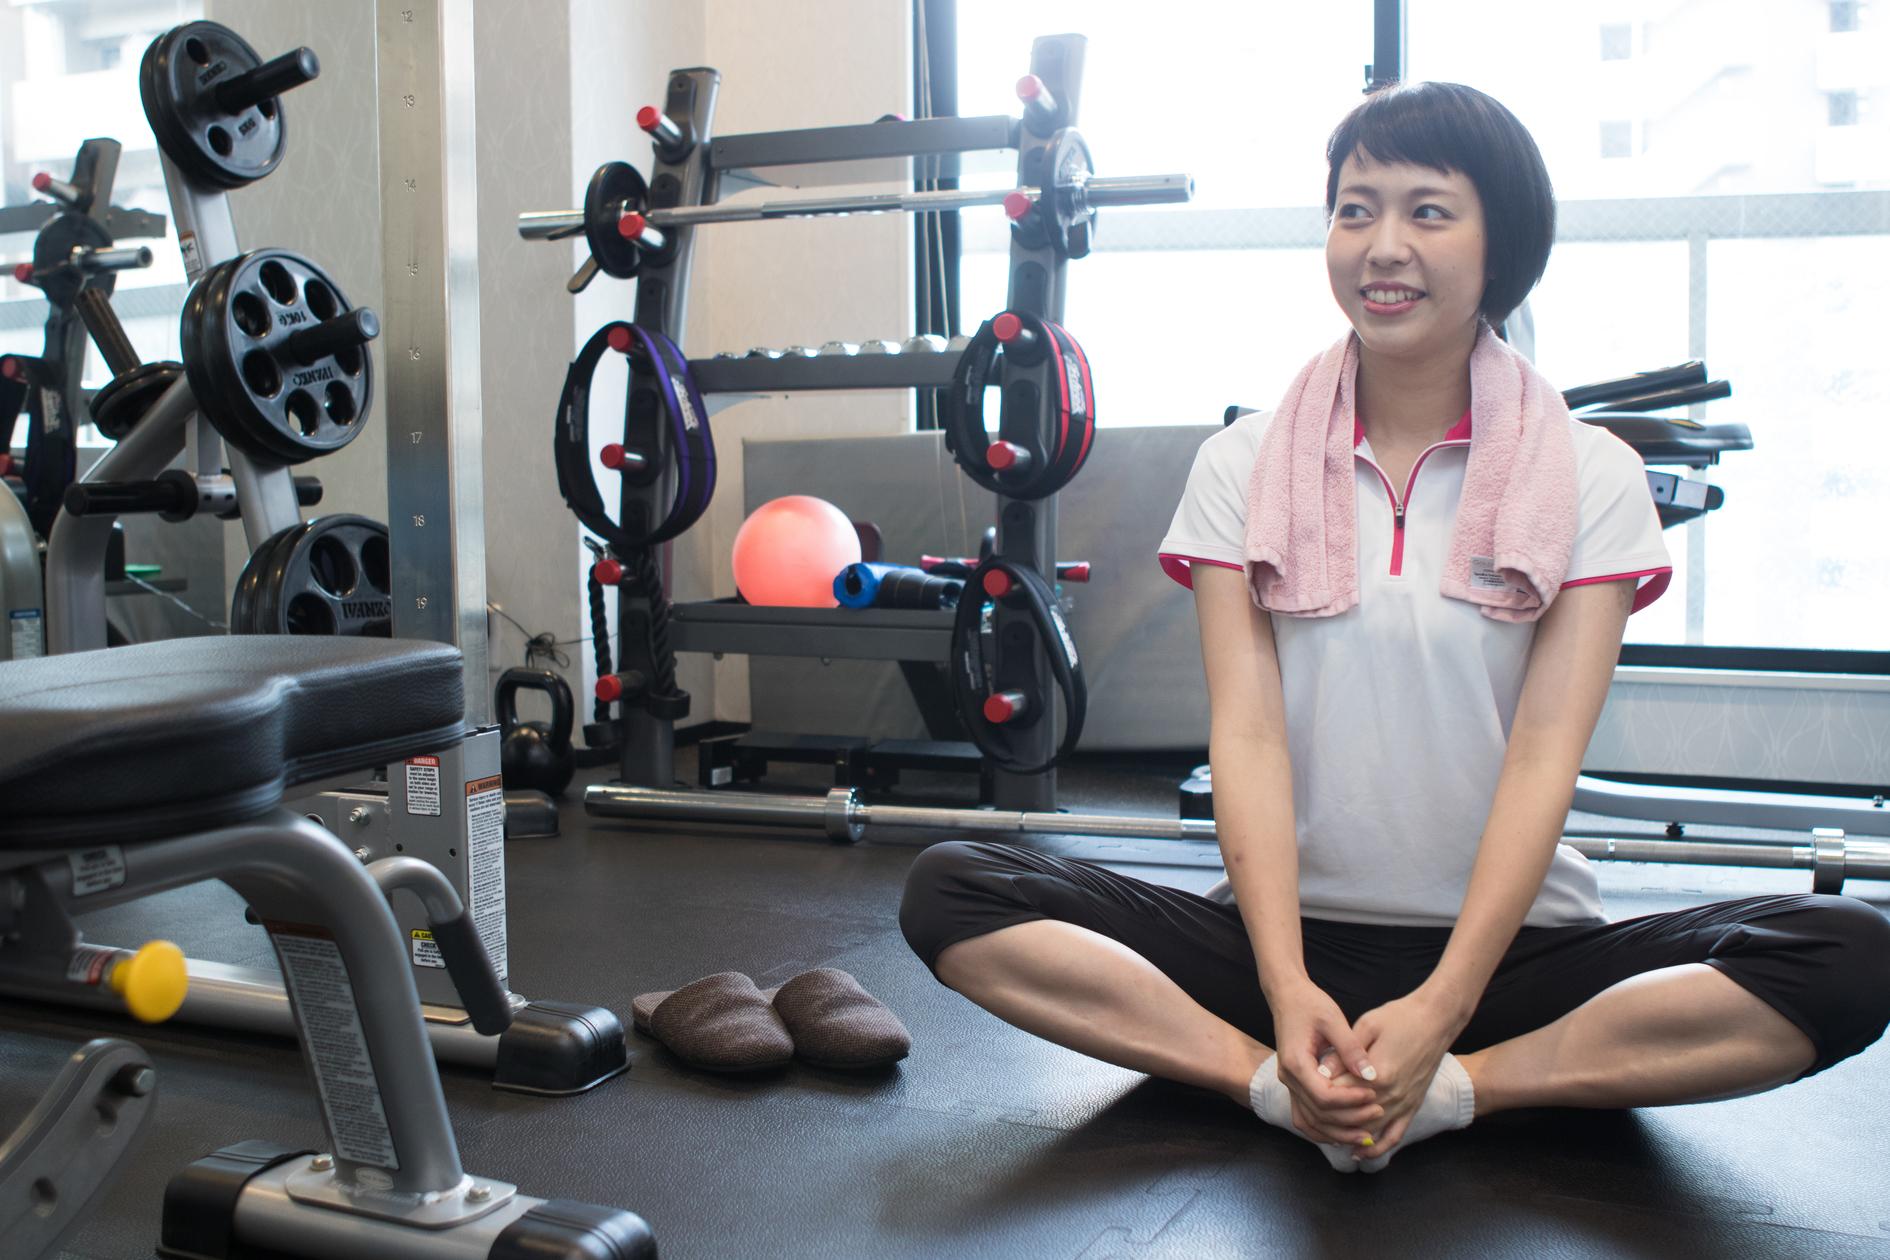 (大阪西区)パーソナル・プライベートジムレンタルスペース!個室のトレーニングスペース!((大阪西区)パーソナル・プライベートジムレンタルスペース!個室のトレーニングスペース!) の写真0